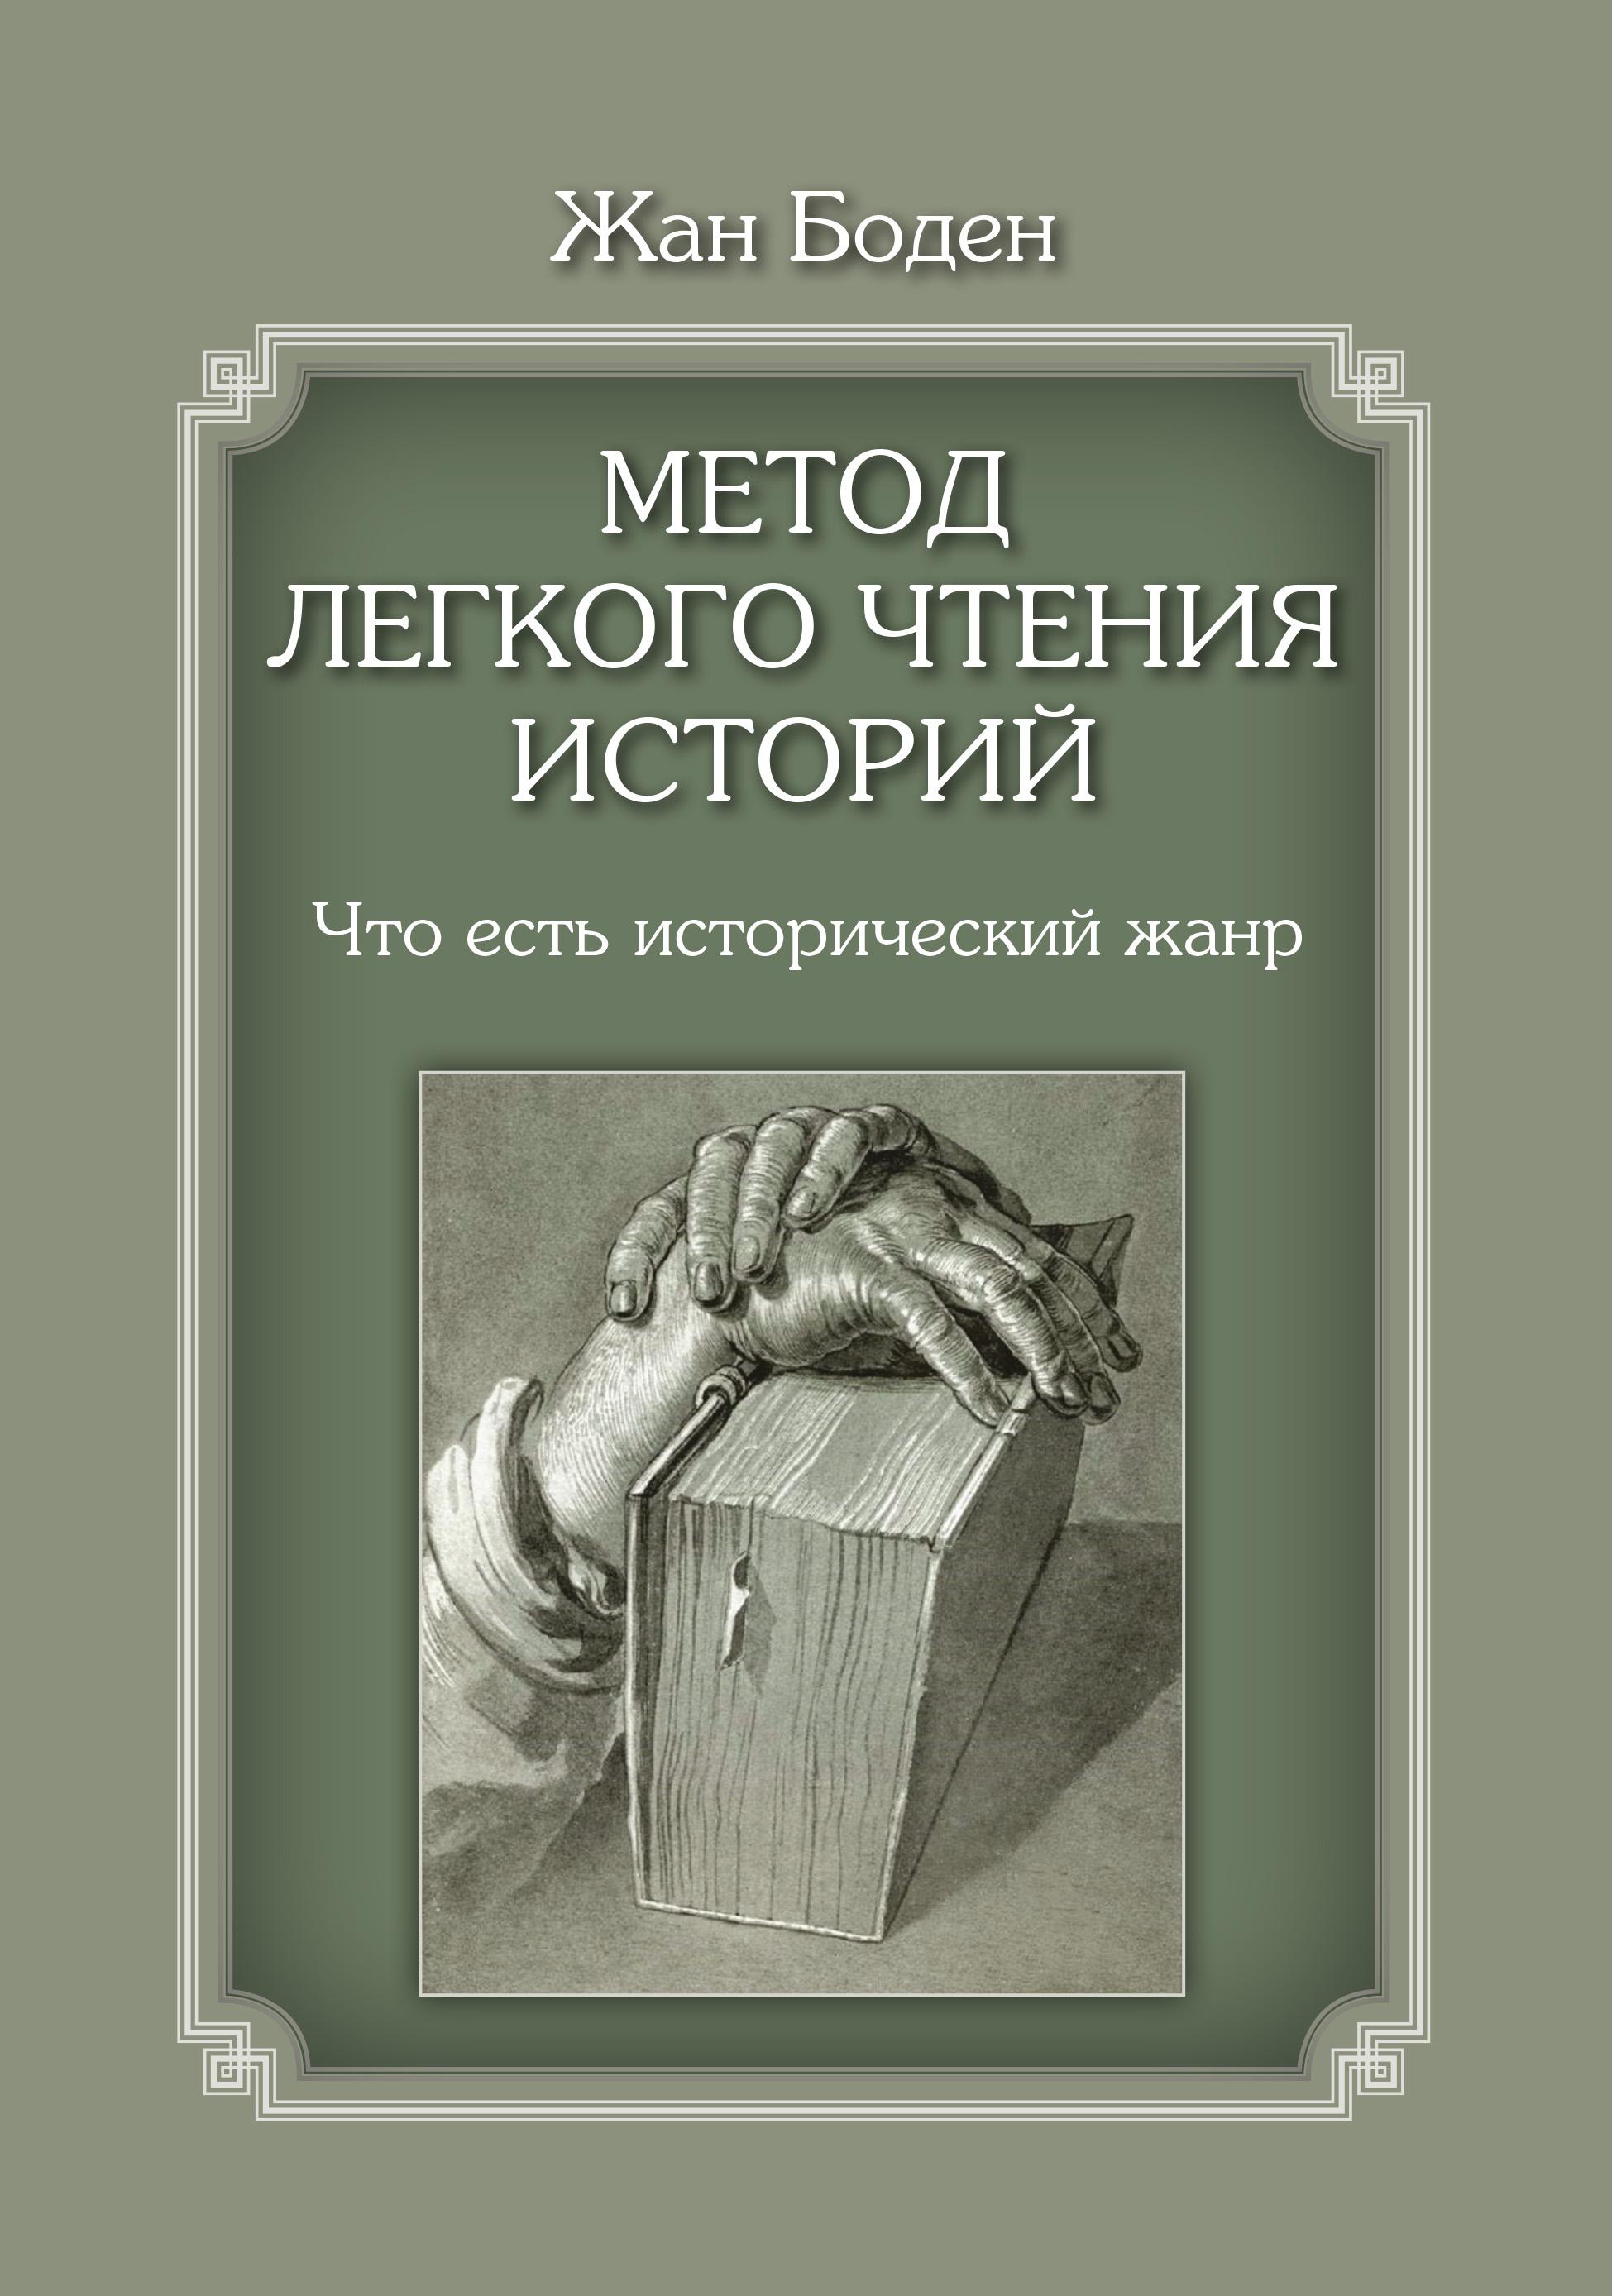 Метод легкого чтения историй. Т. I. Что есть исторический жанр ( Жан Боден  )